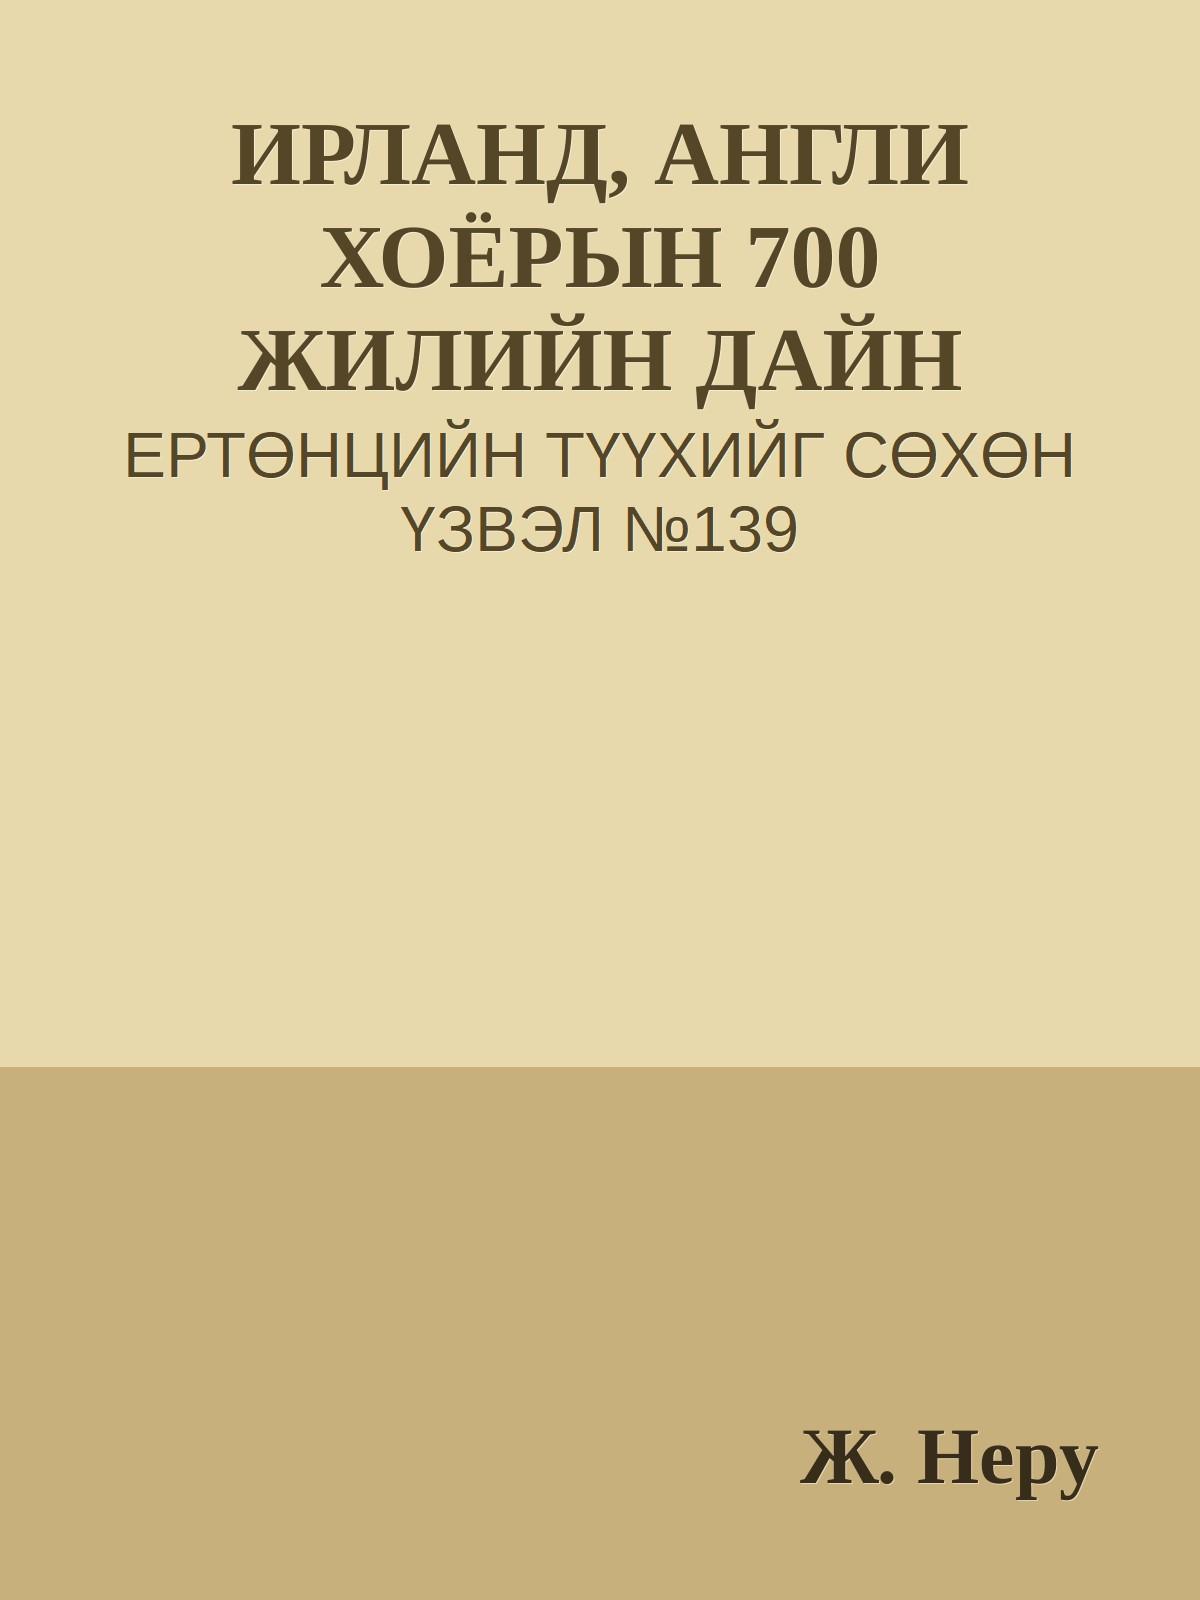 ИРЛАНД, АНГЛИ ХОЁРЫН 700 ЖИЛИЙН ДАЙН